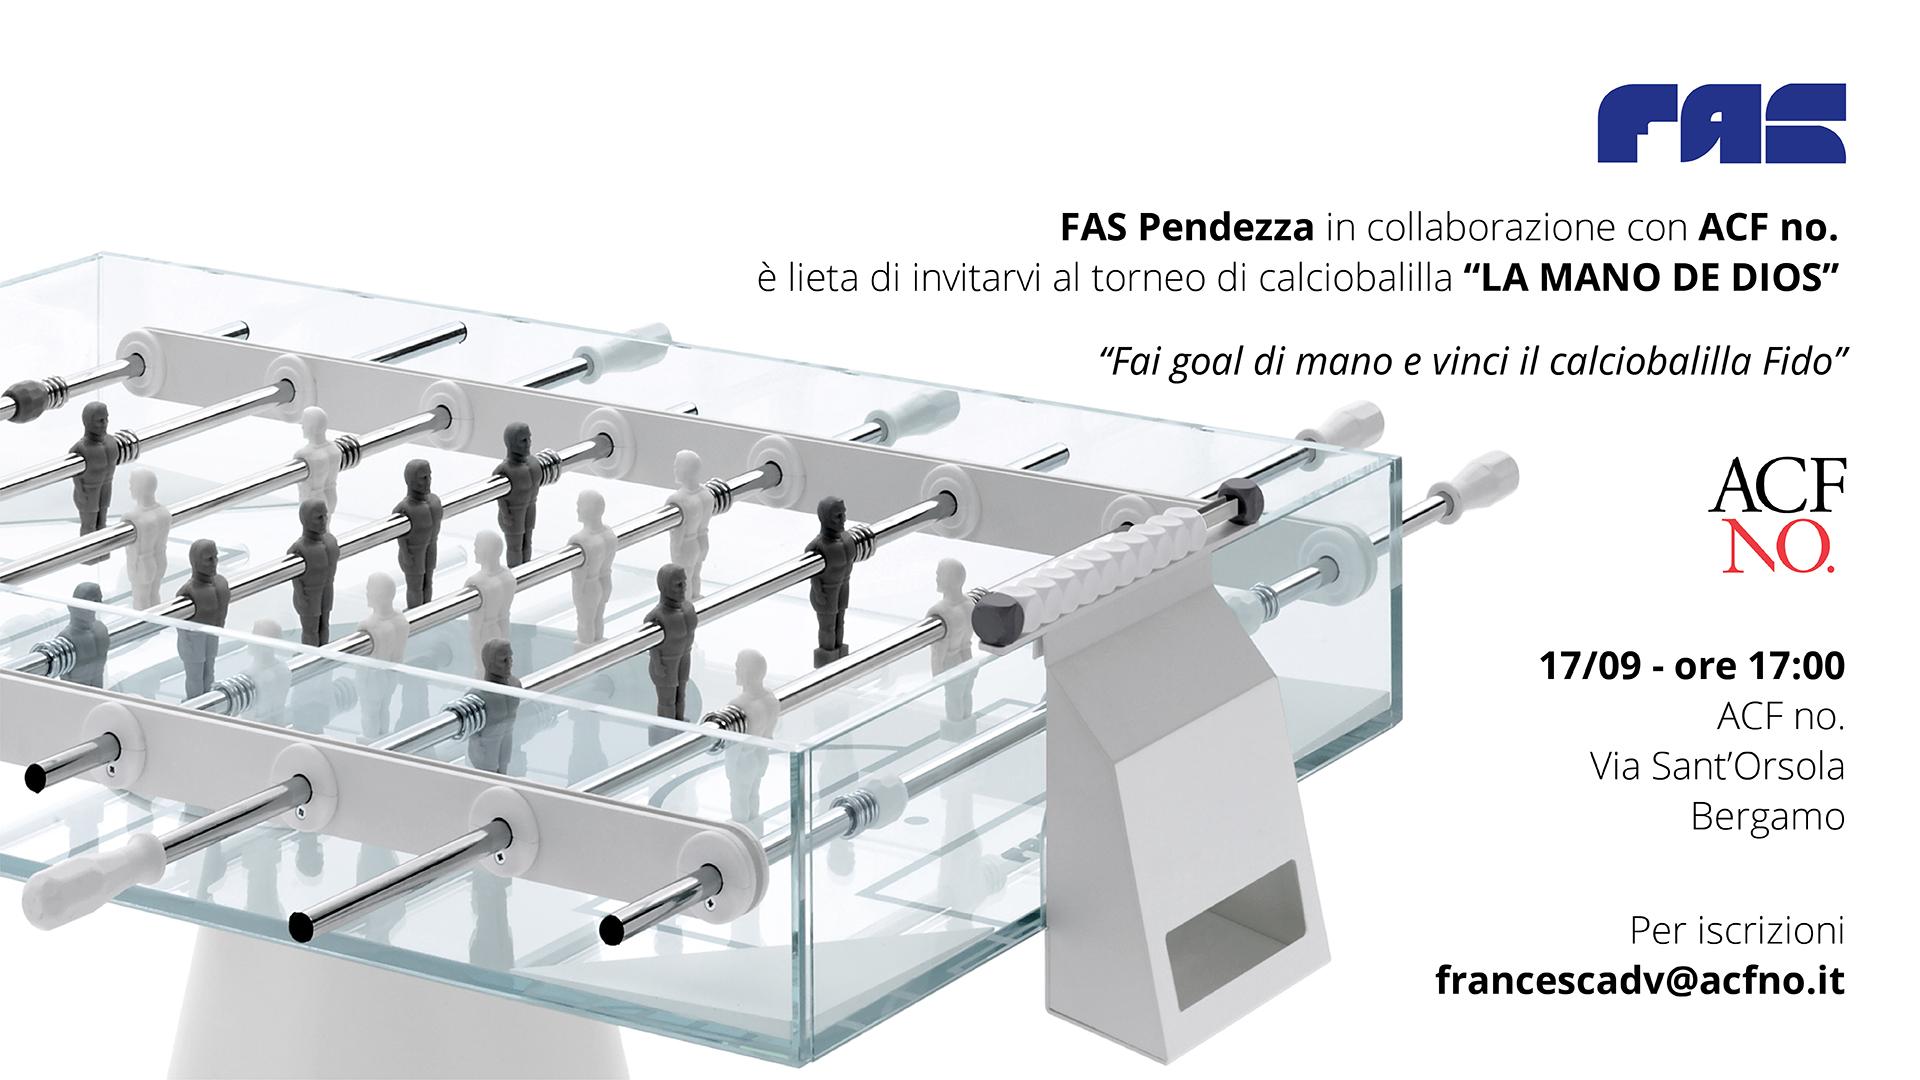 FAS Pendezza @ ACF no